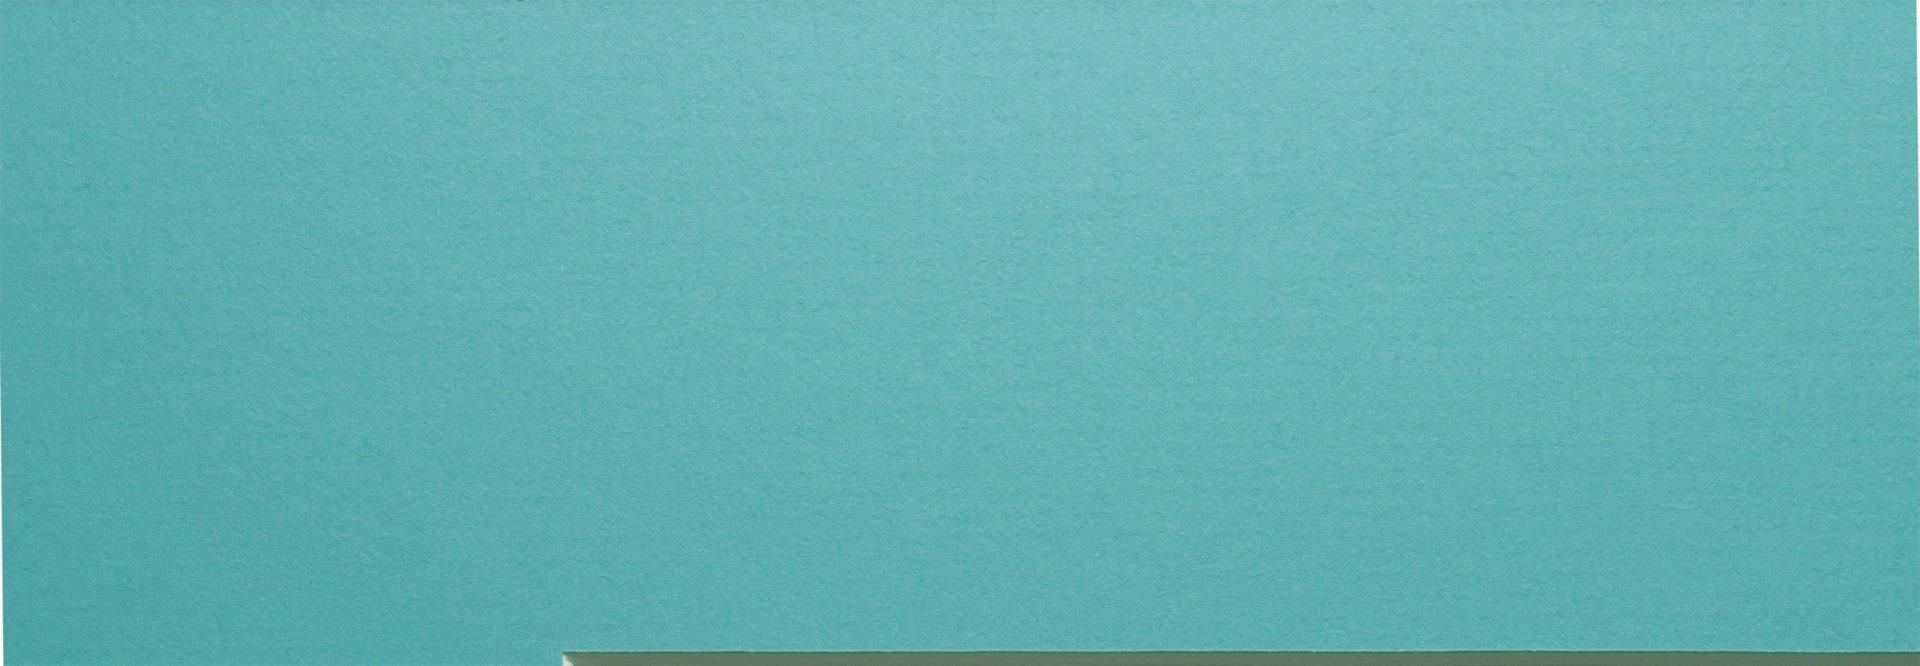 Zdjęcie produktu w ofercie firmy Art Brettona - oprawa obrazów